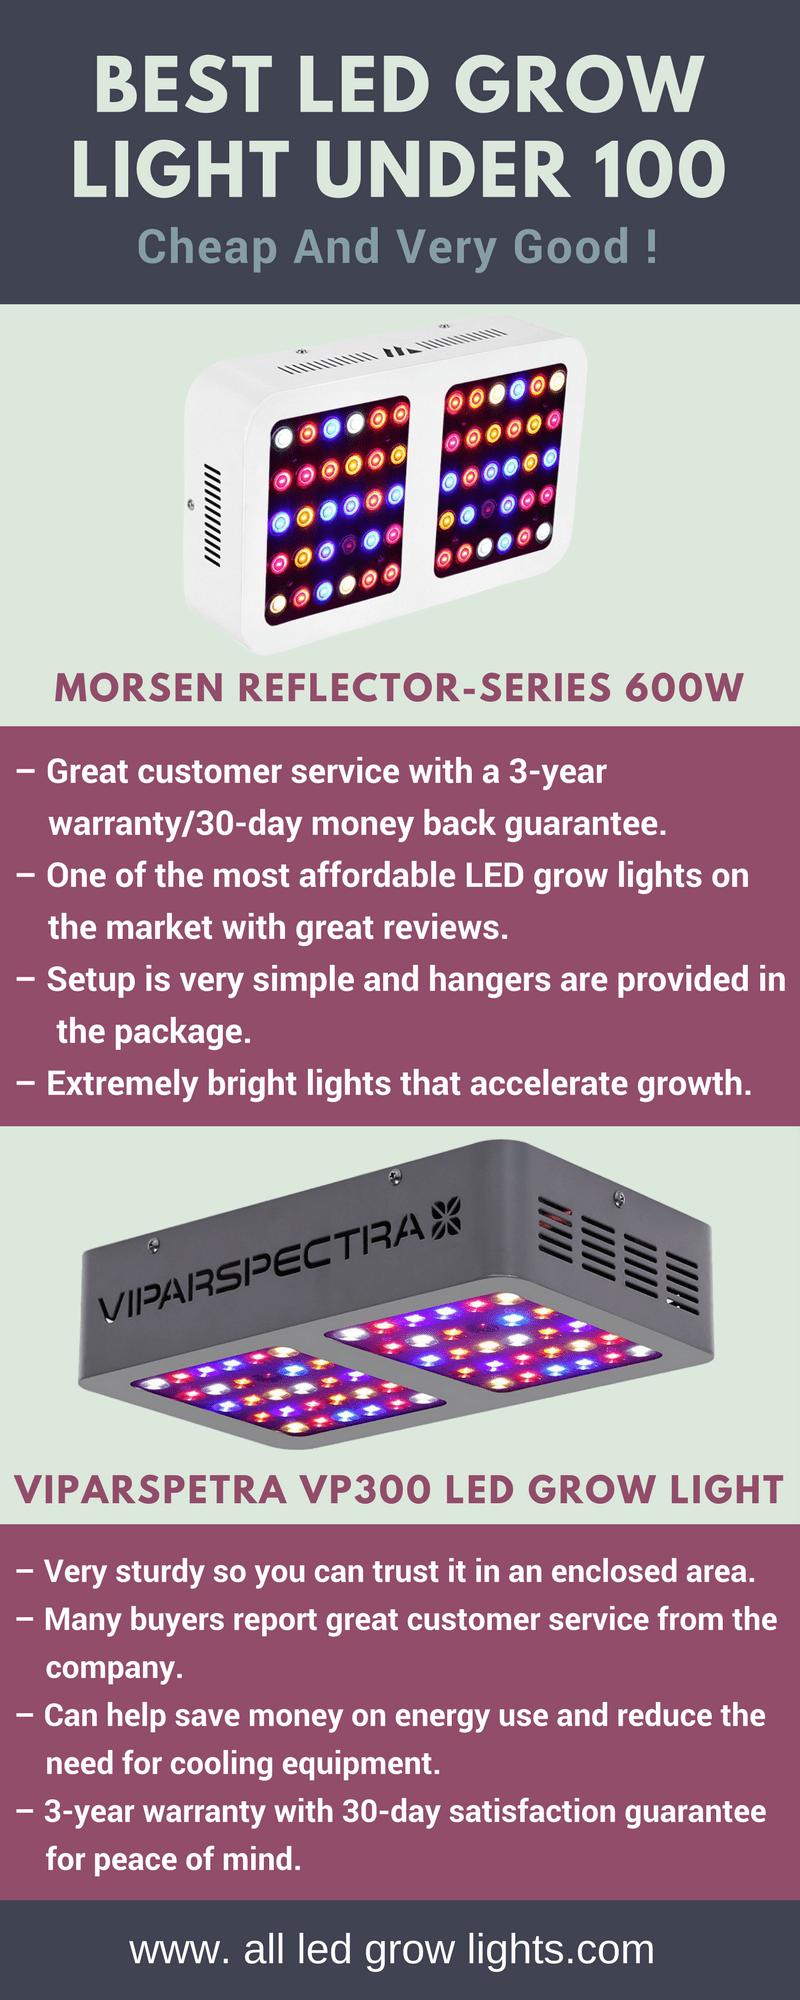 Best LED Grow Light Under 100 info graph